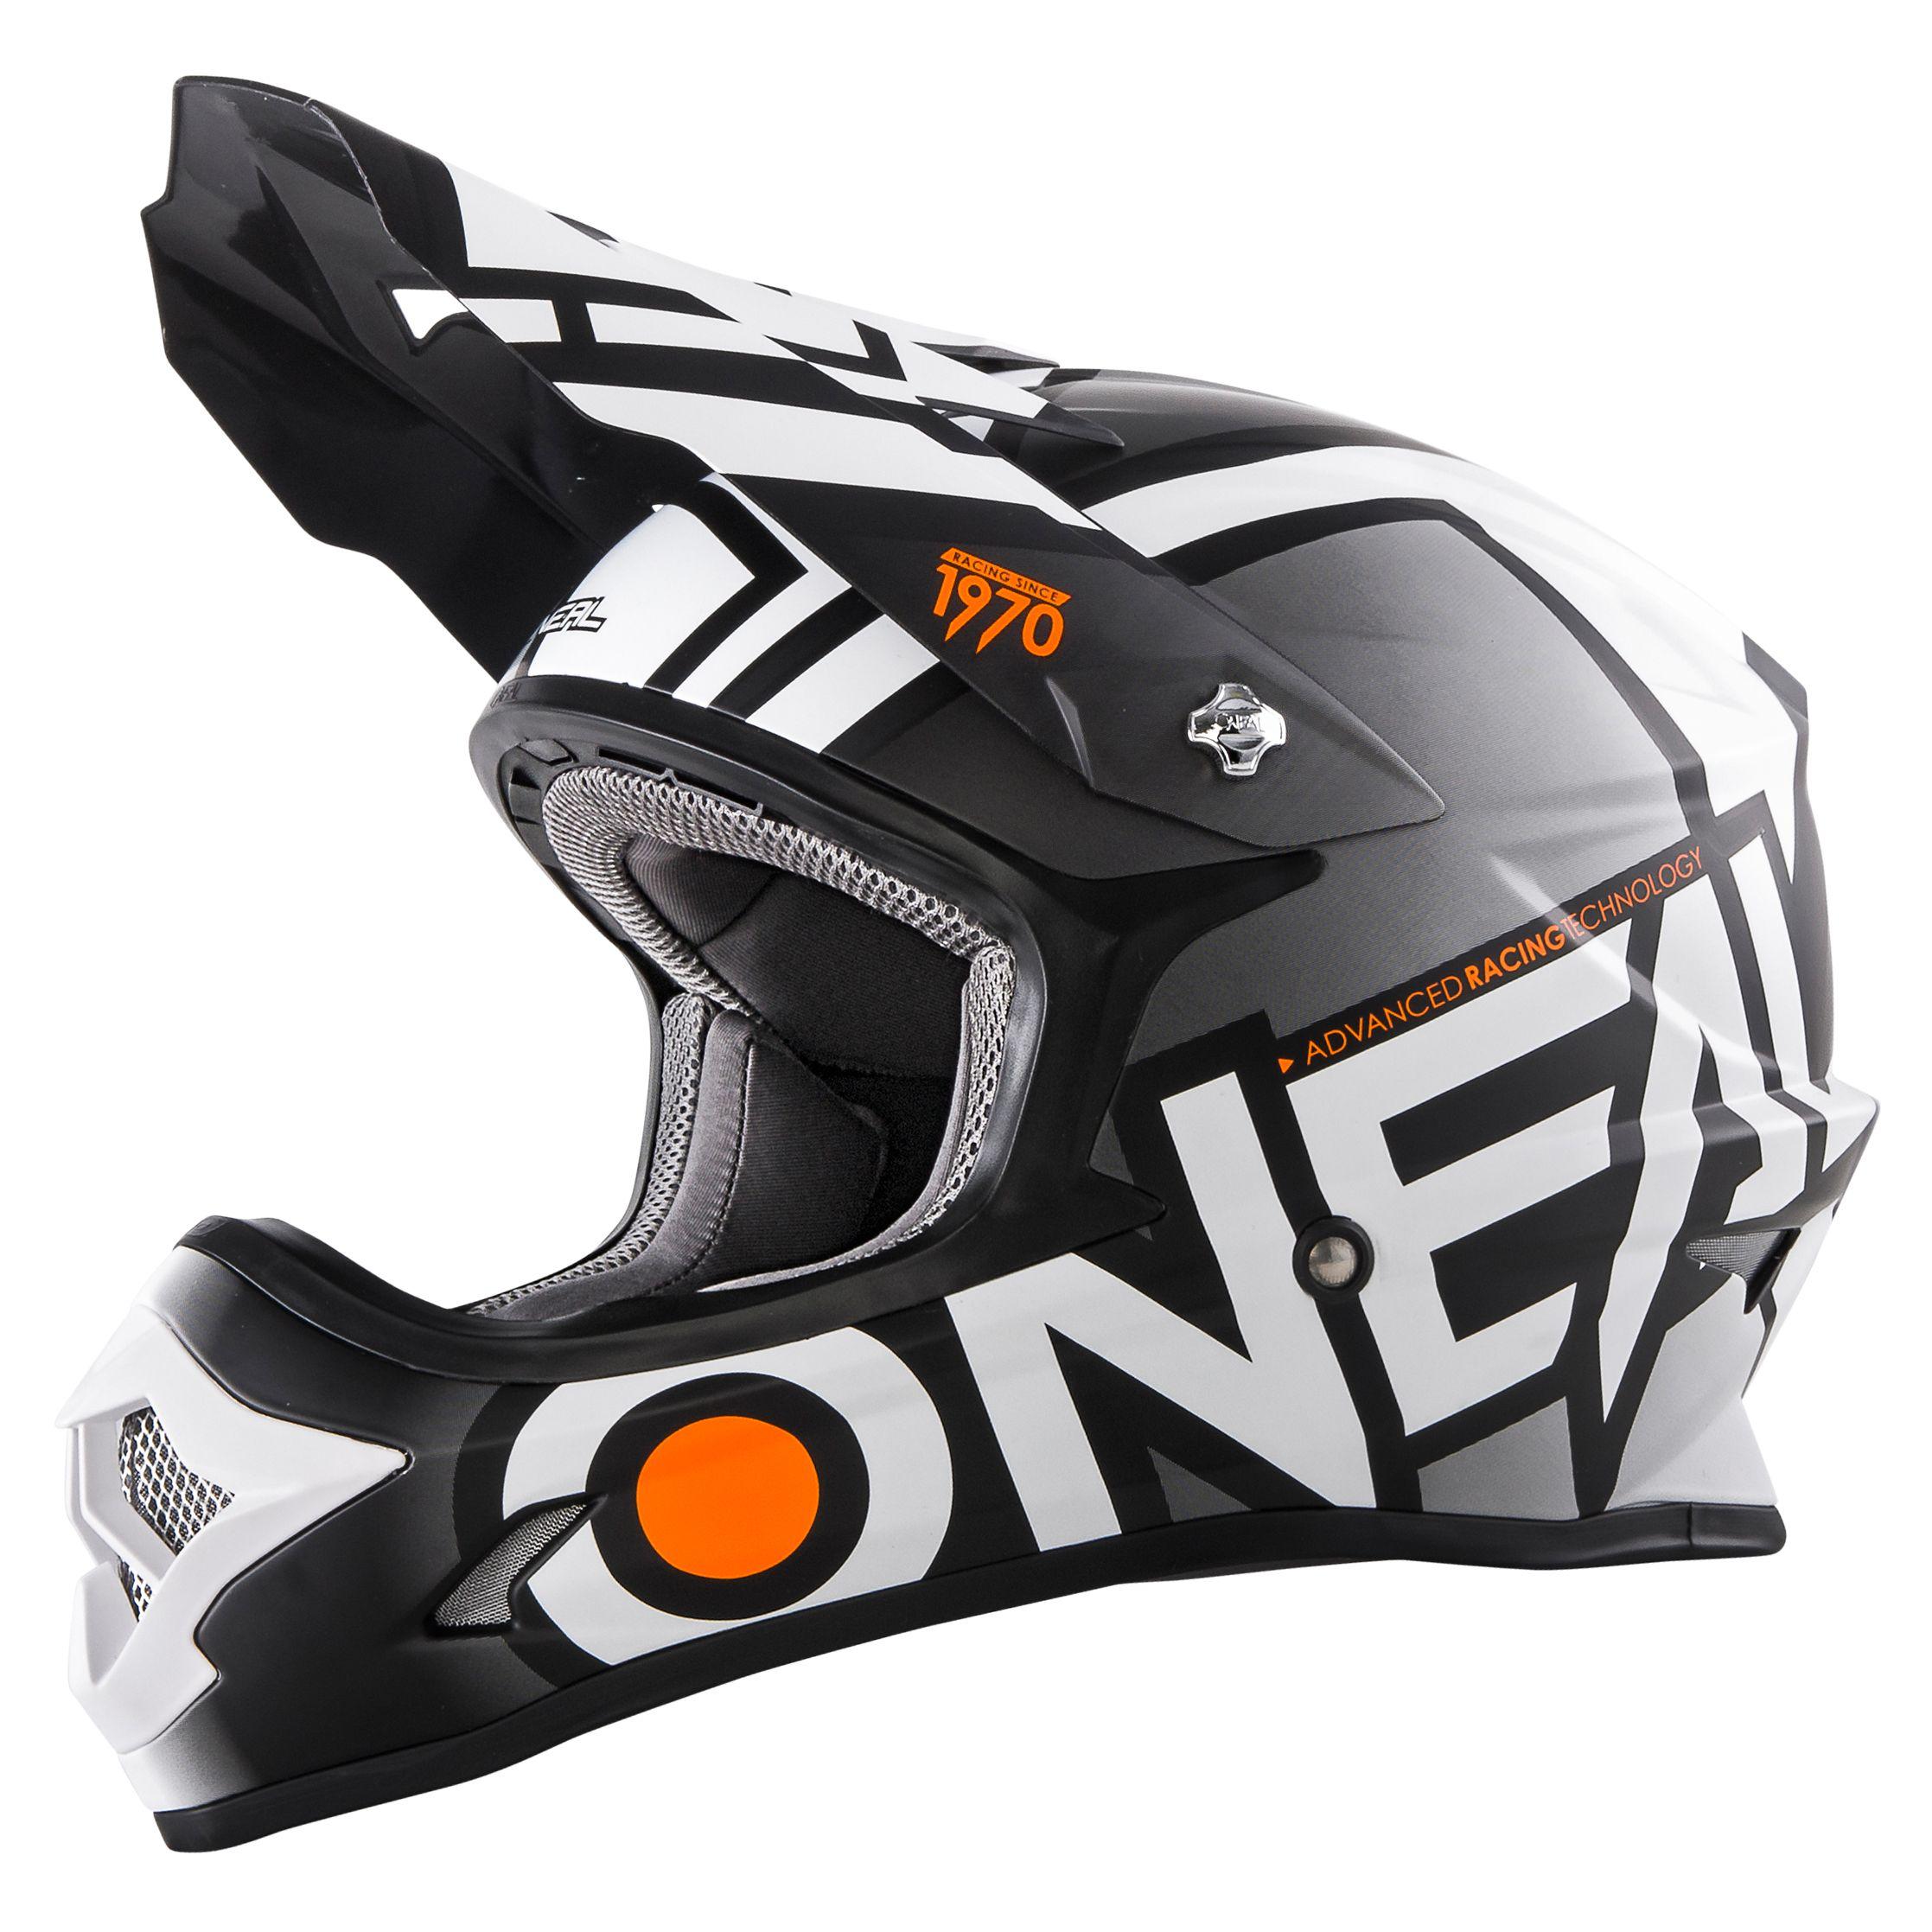 casco oneal motocross  Negozio di sconti online,Casco Oneal Motocross Nero